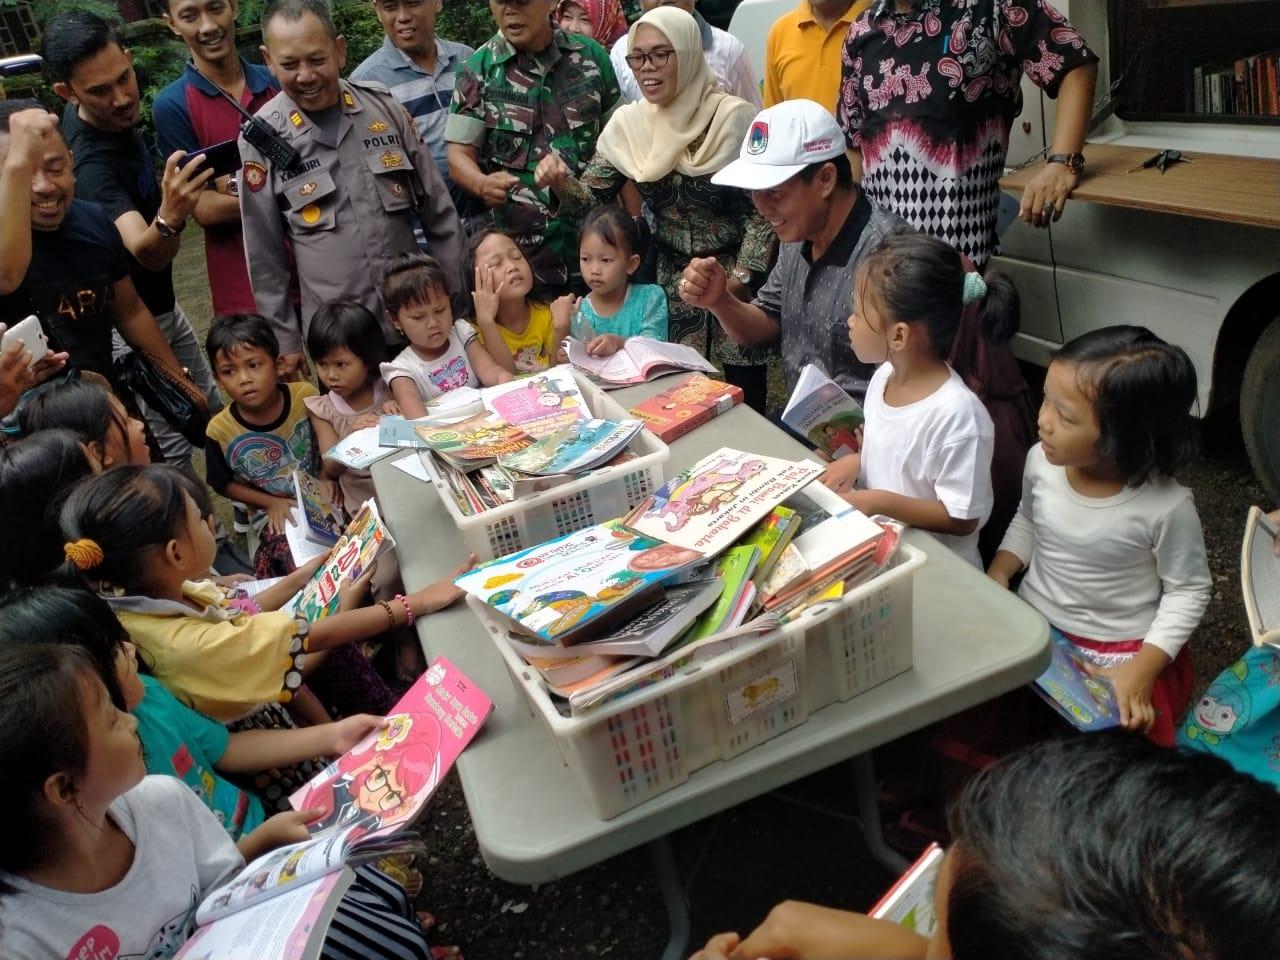 Kunjungan Mobil Perpustakaan Keliling Kota Serang ke Kampung Kadeos Kecamatan Walantaka